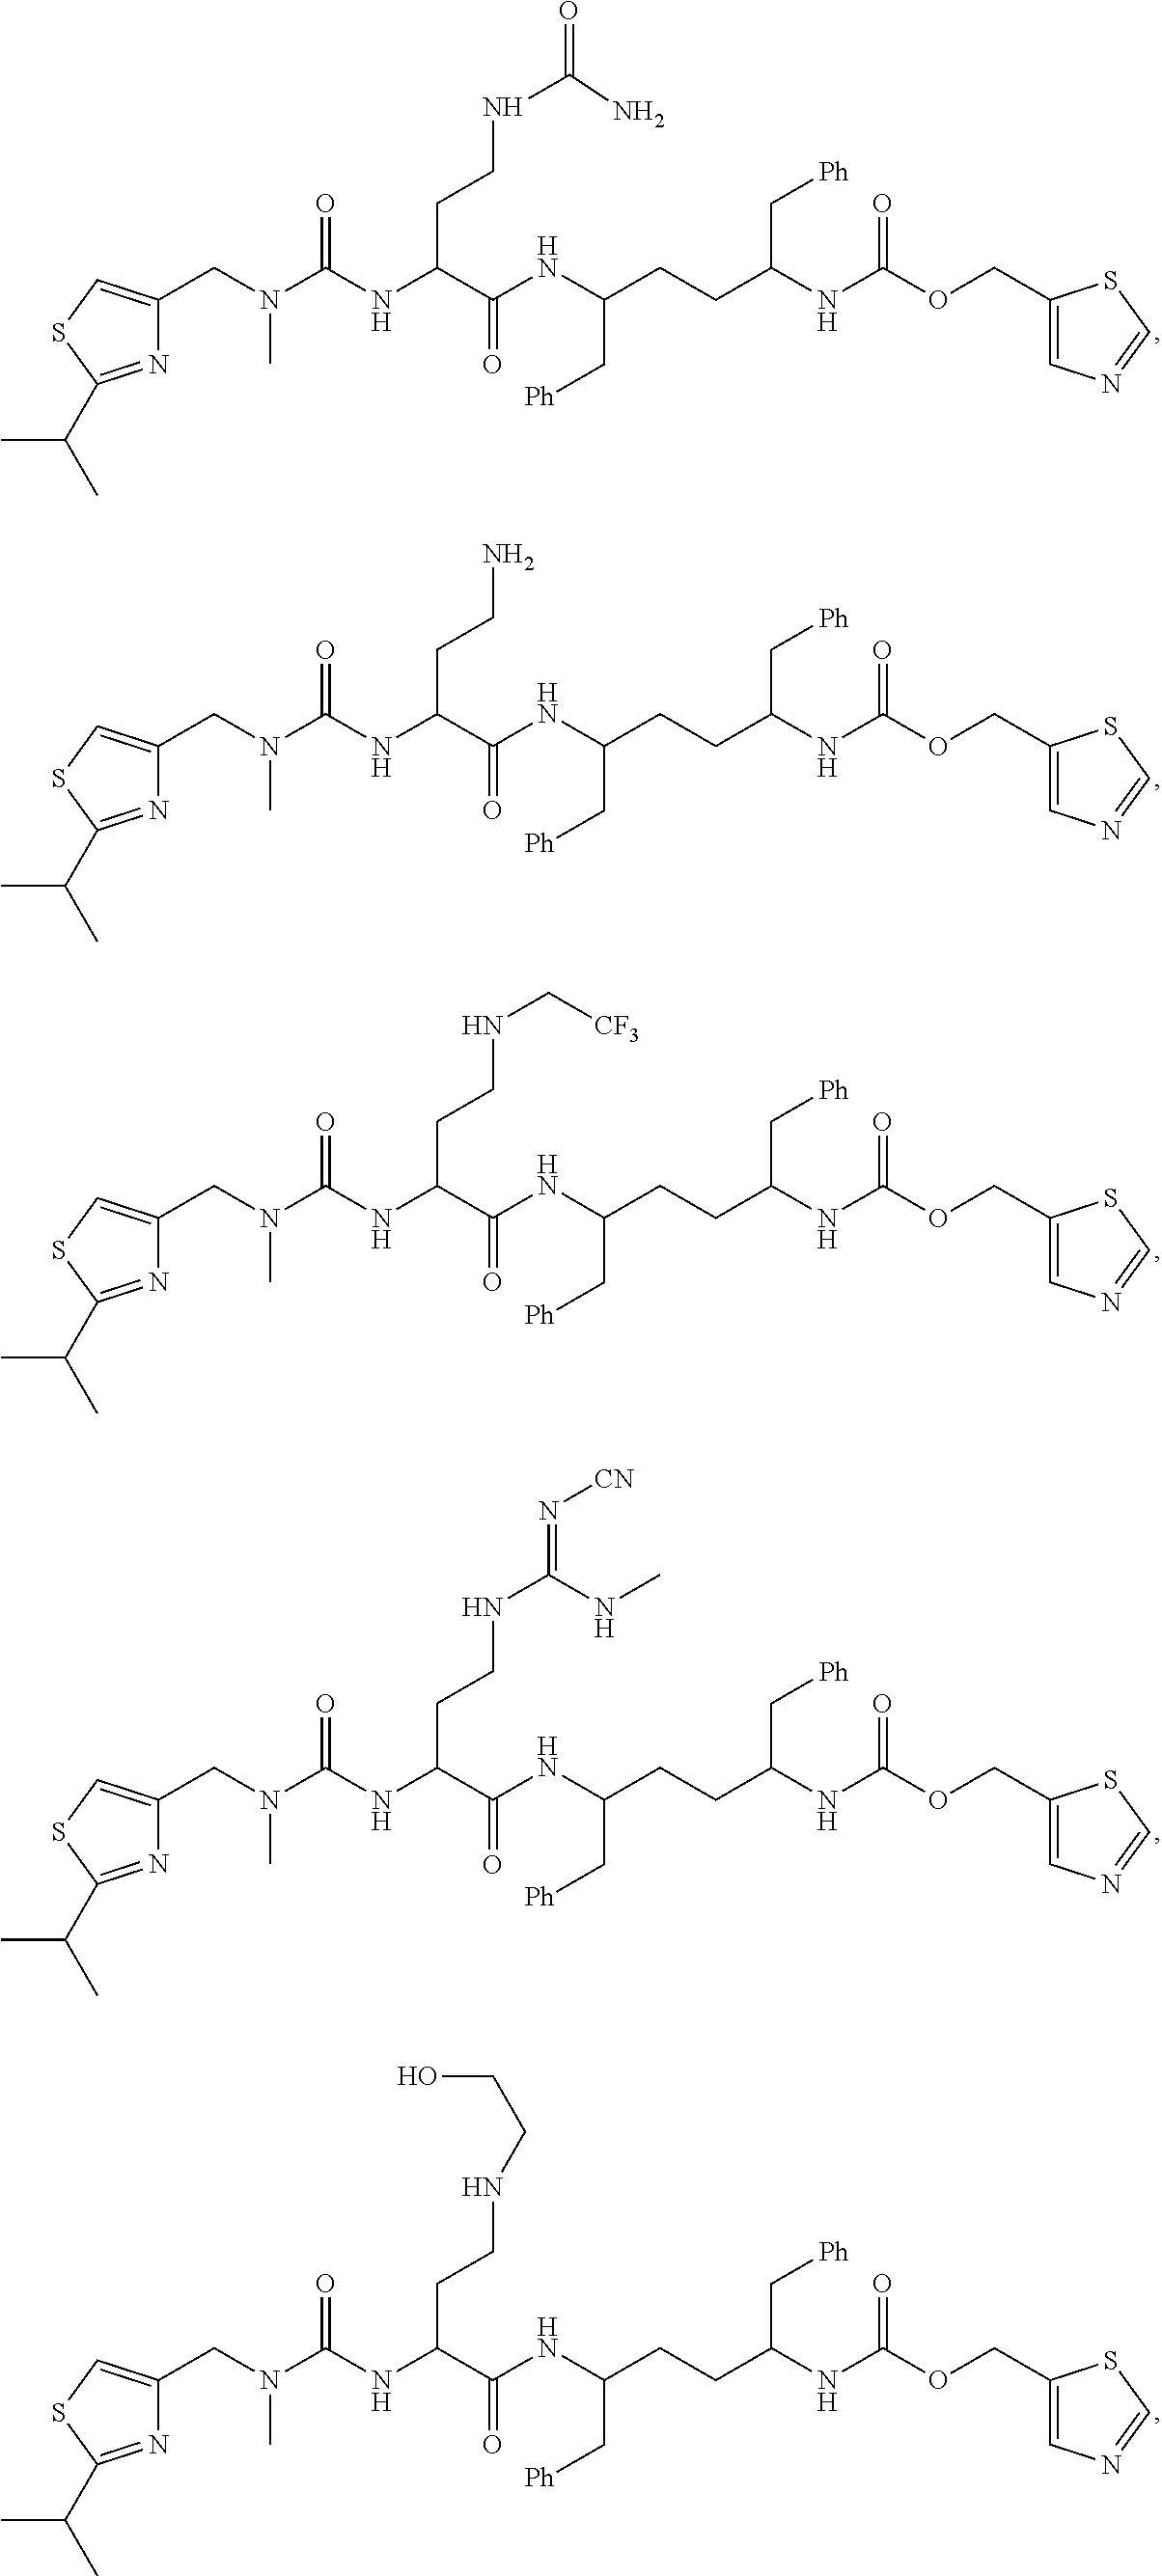 Figure US09891239-20180213-C00073